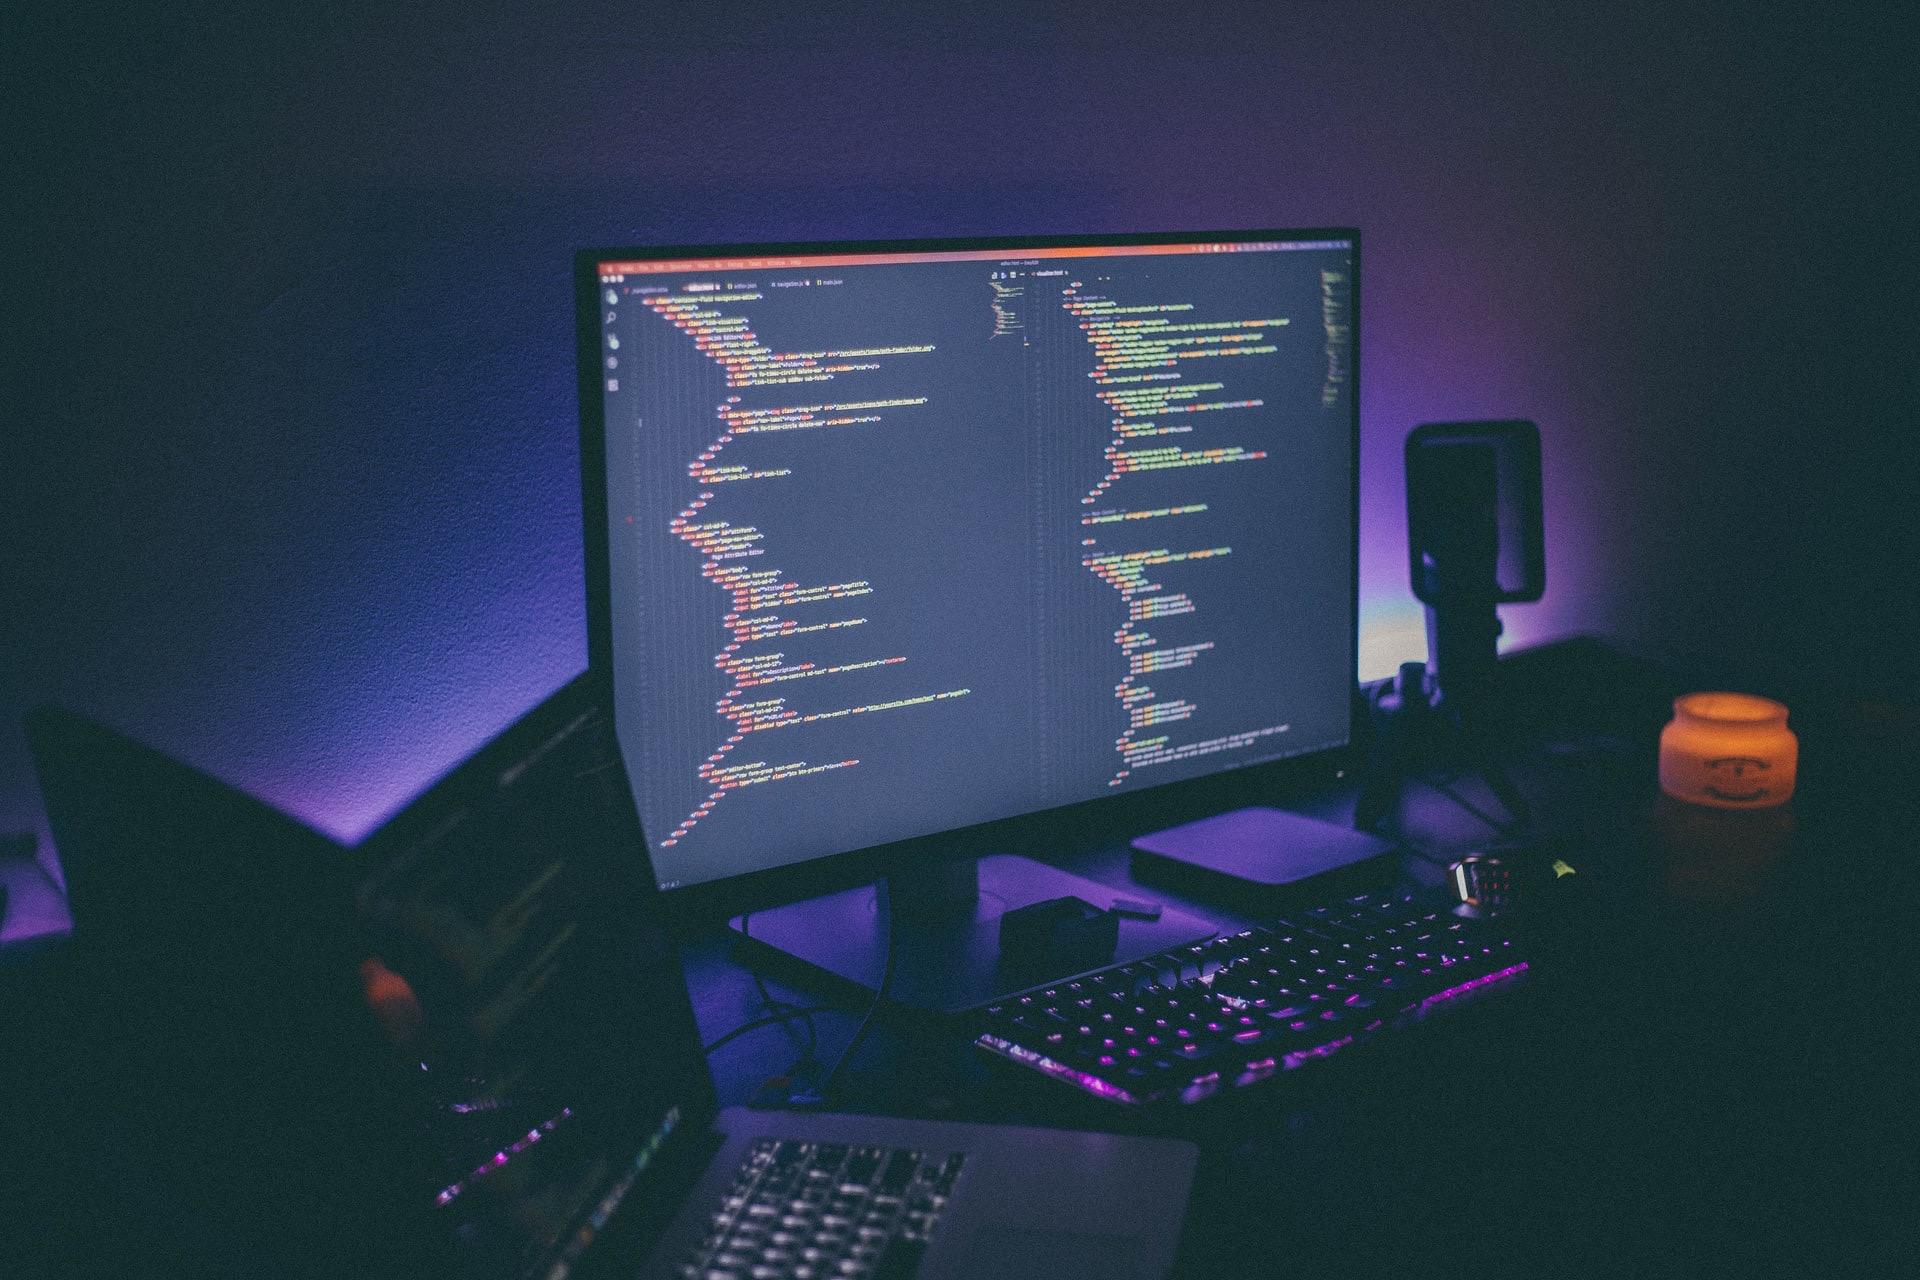 今すぐプログラミングを独学以外で勉強したい!